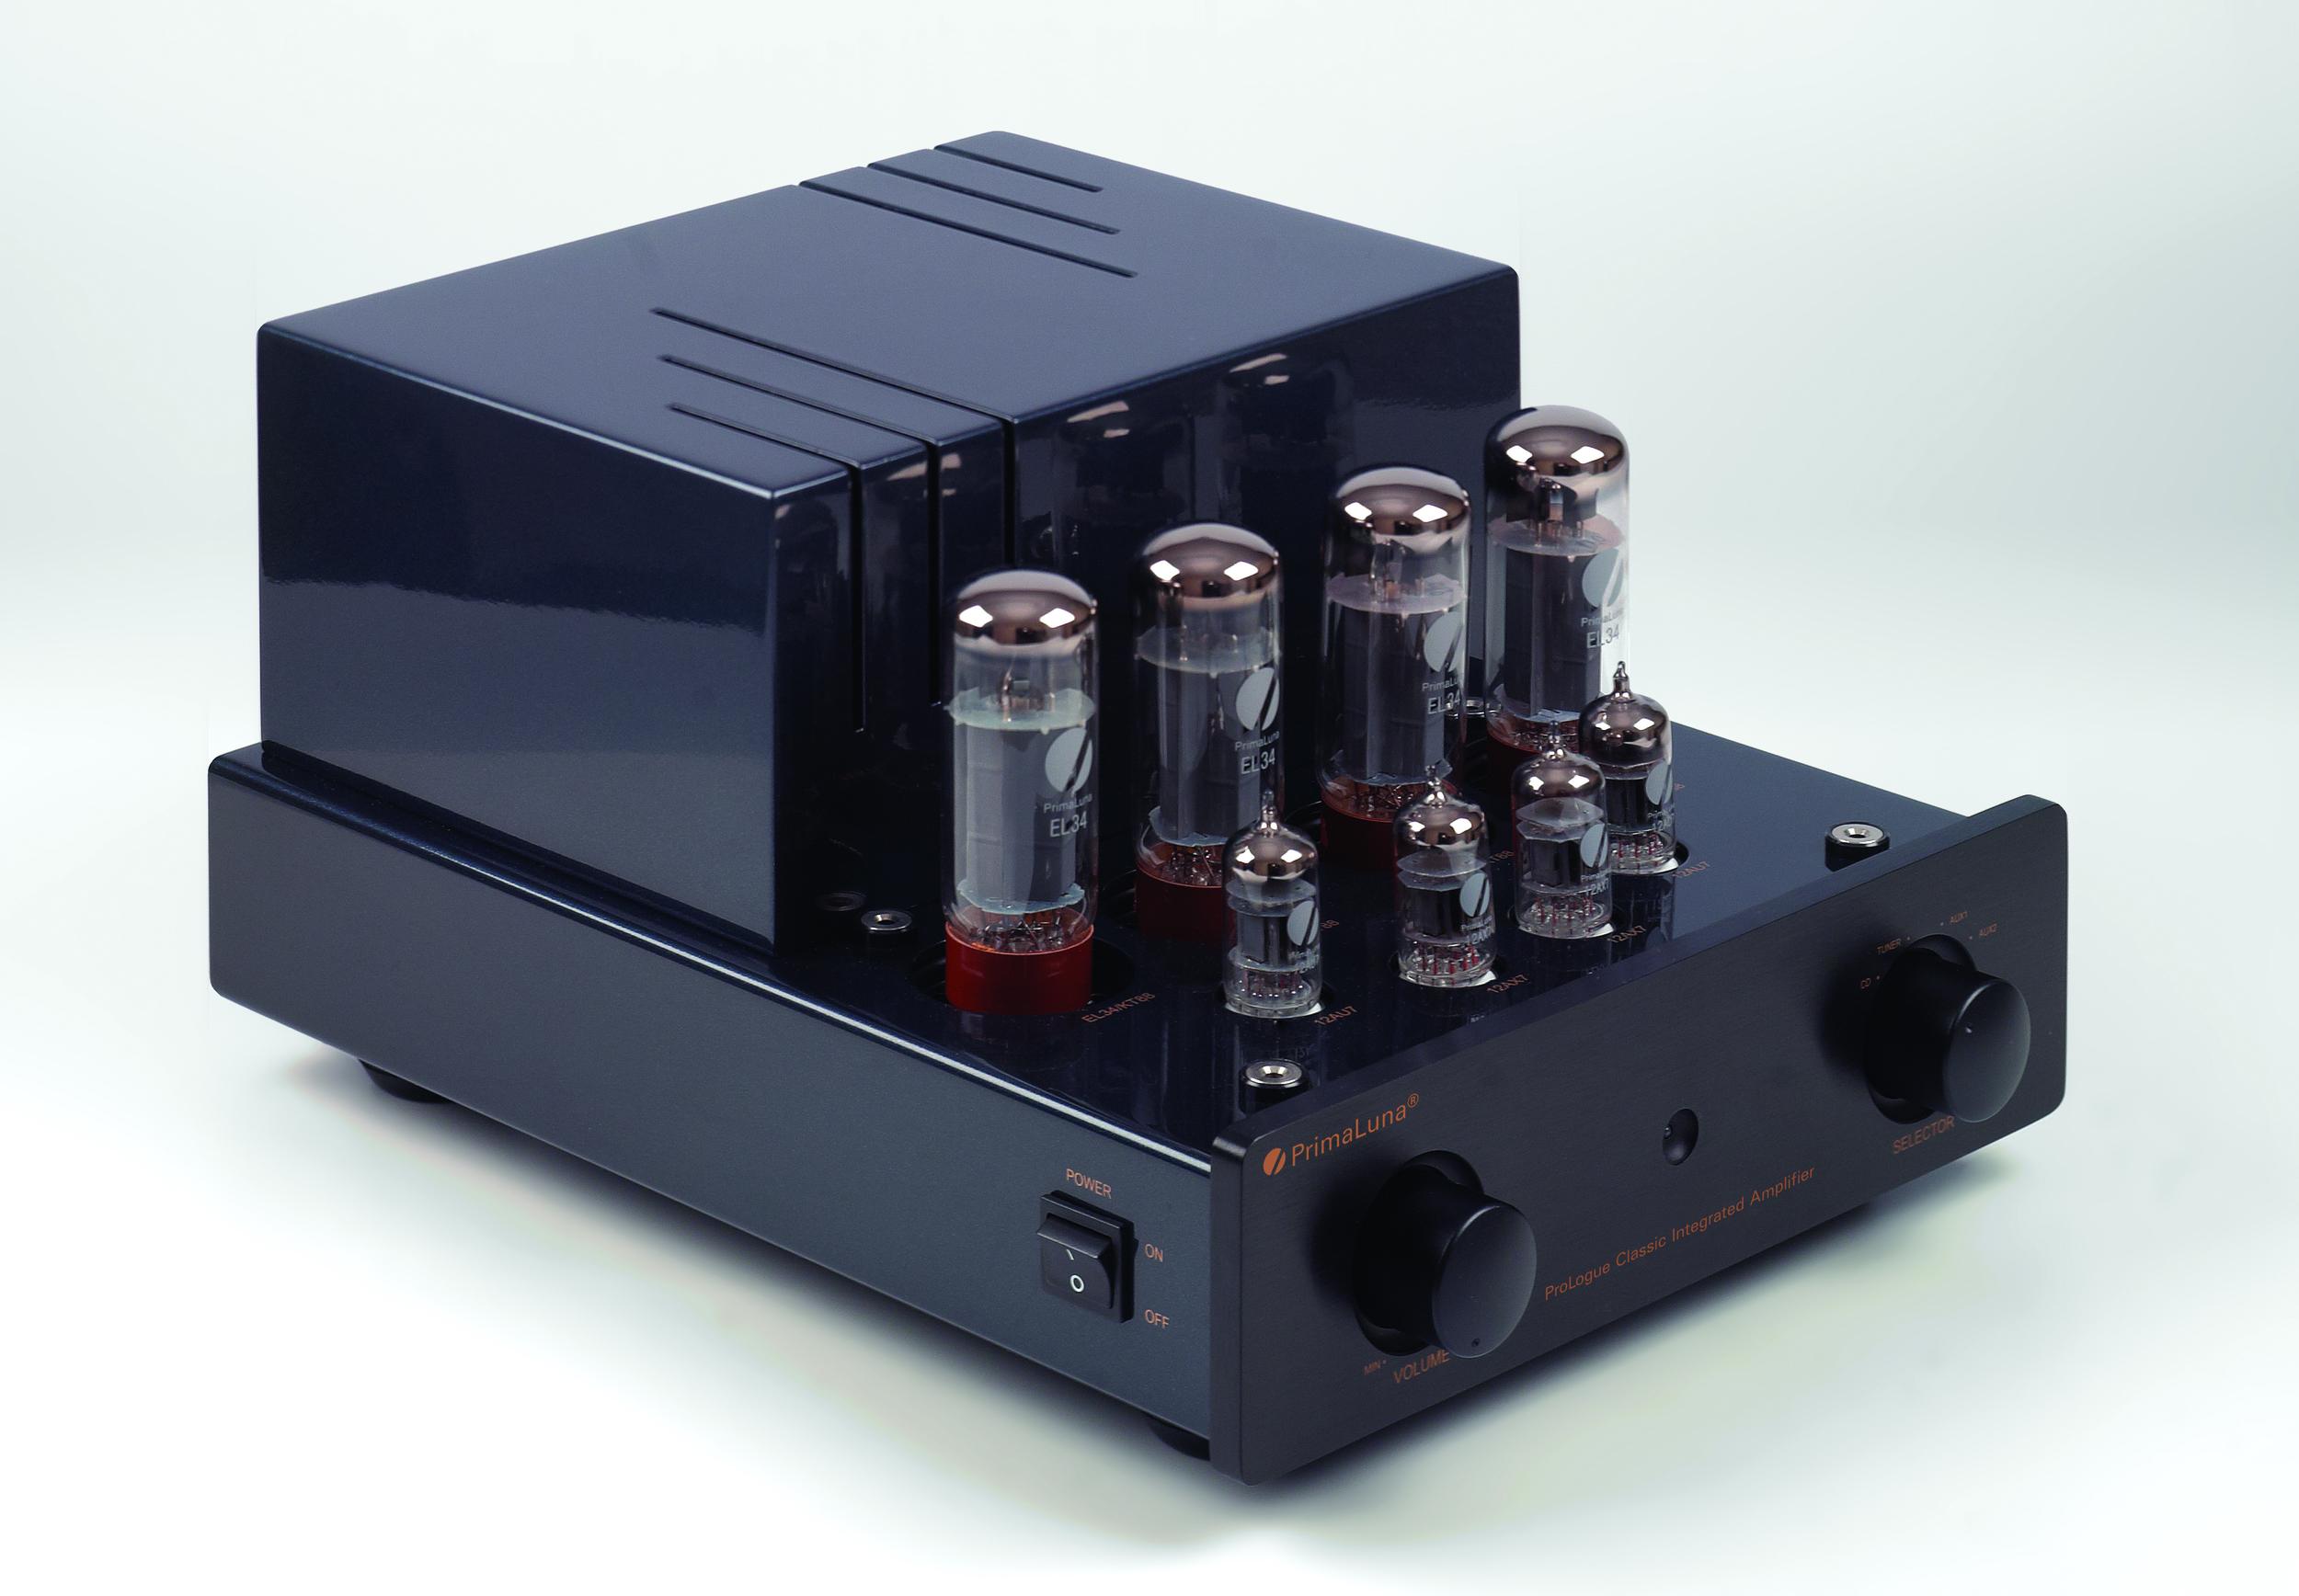 009-PrimaLuna Classic Integrated Amplifier-zwart.jpg